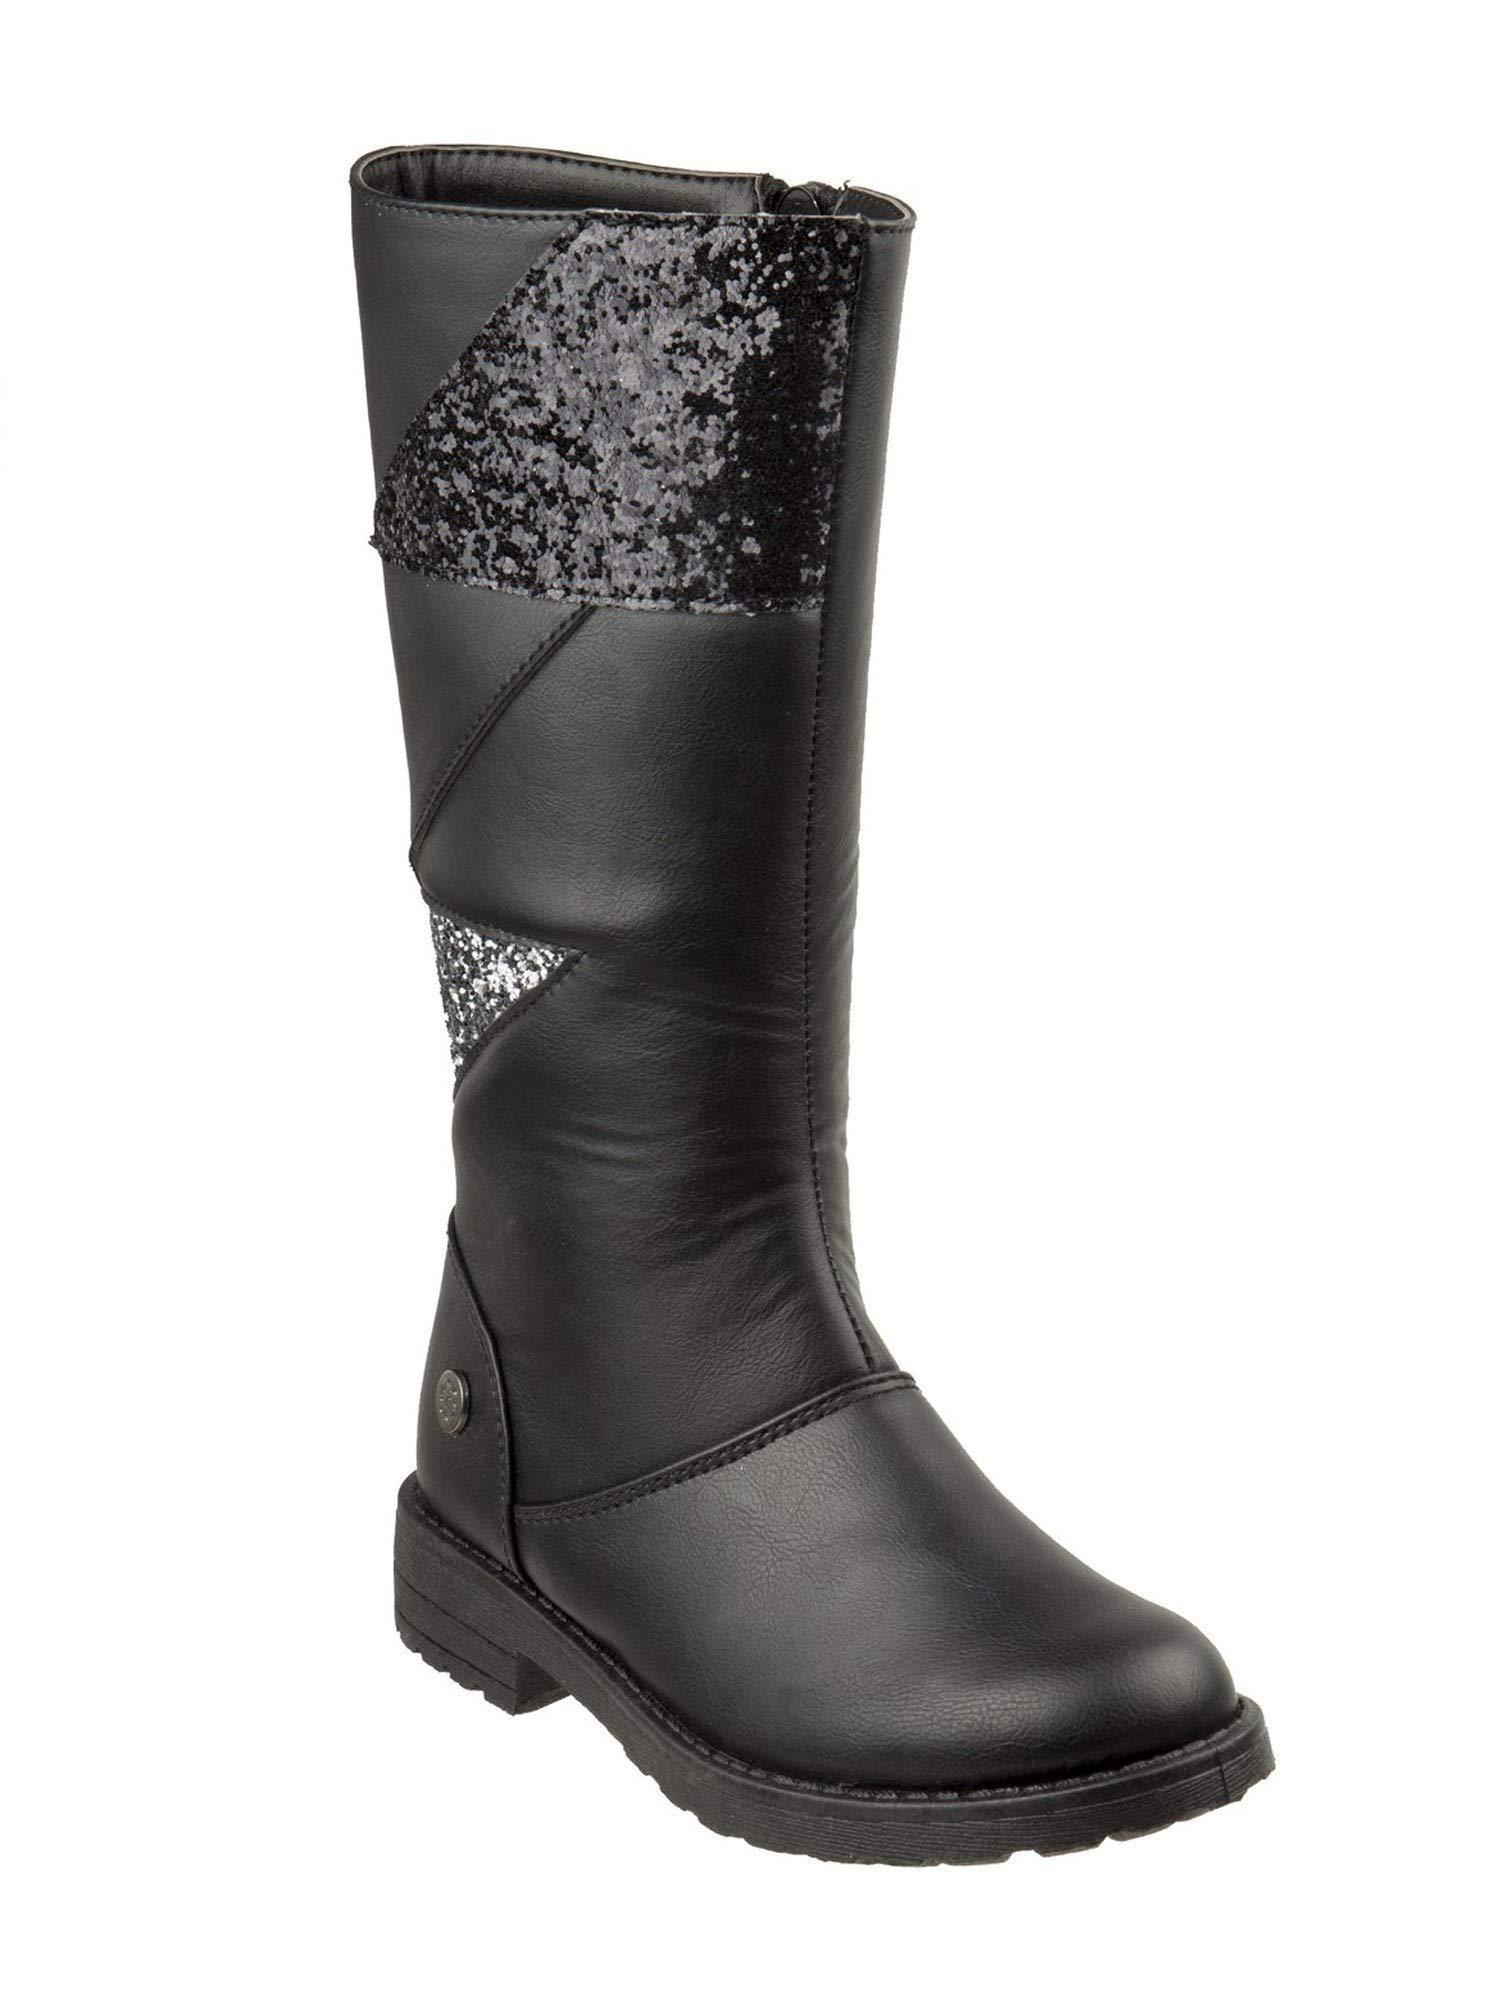 Nanette Lepore Girls Black Silver Glitter Panels Tall Trendy Boots 12 Kids